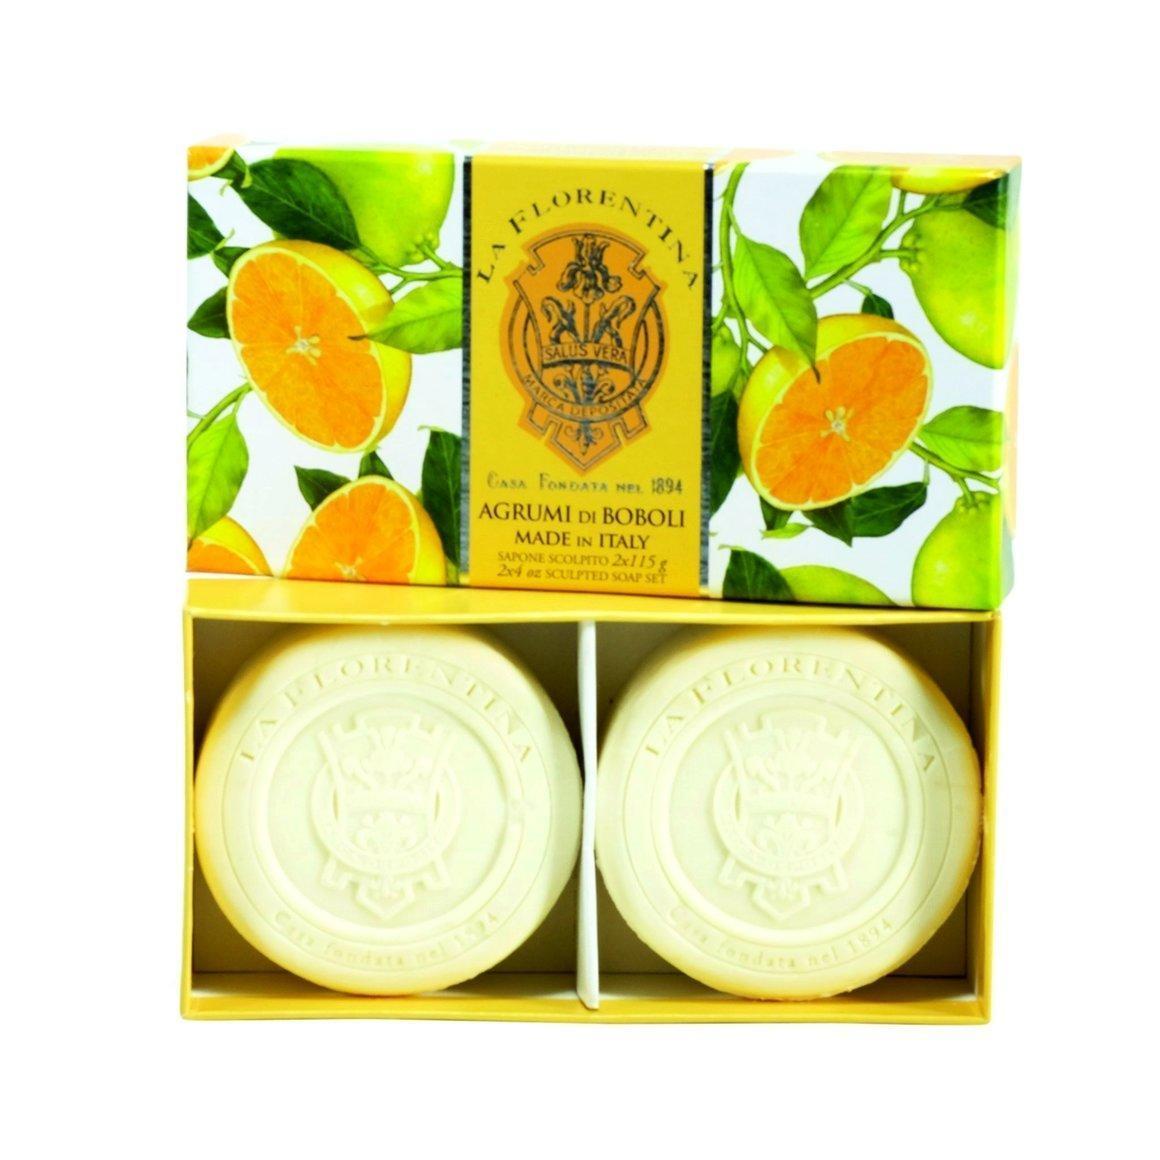 La Florentina Boboli Citrus 2 Bars soap 115 g   Trada Marketplace